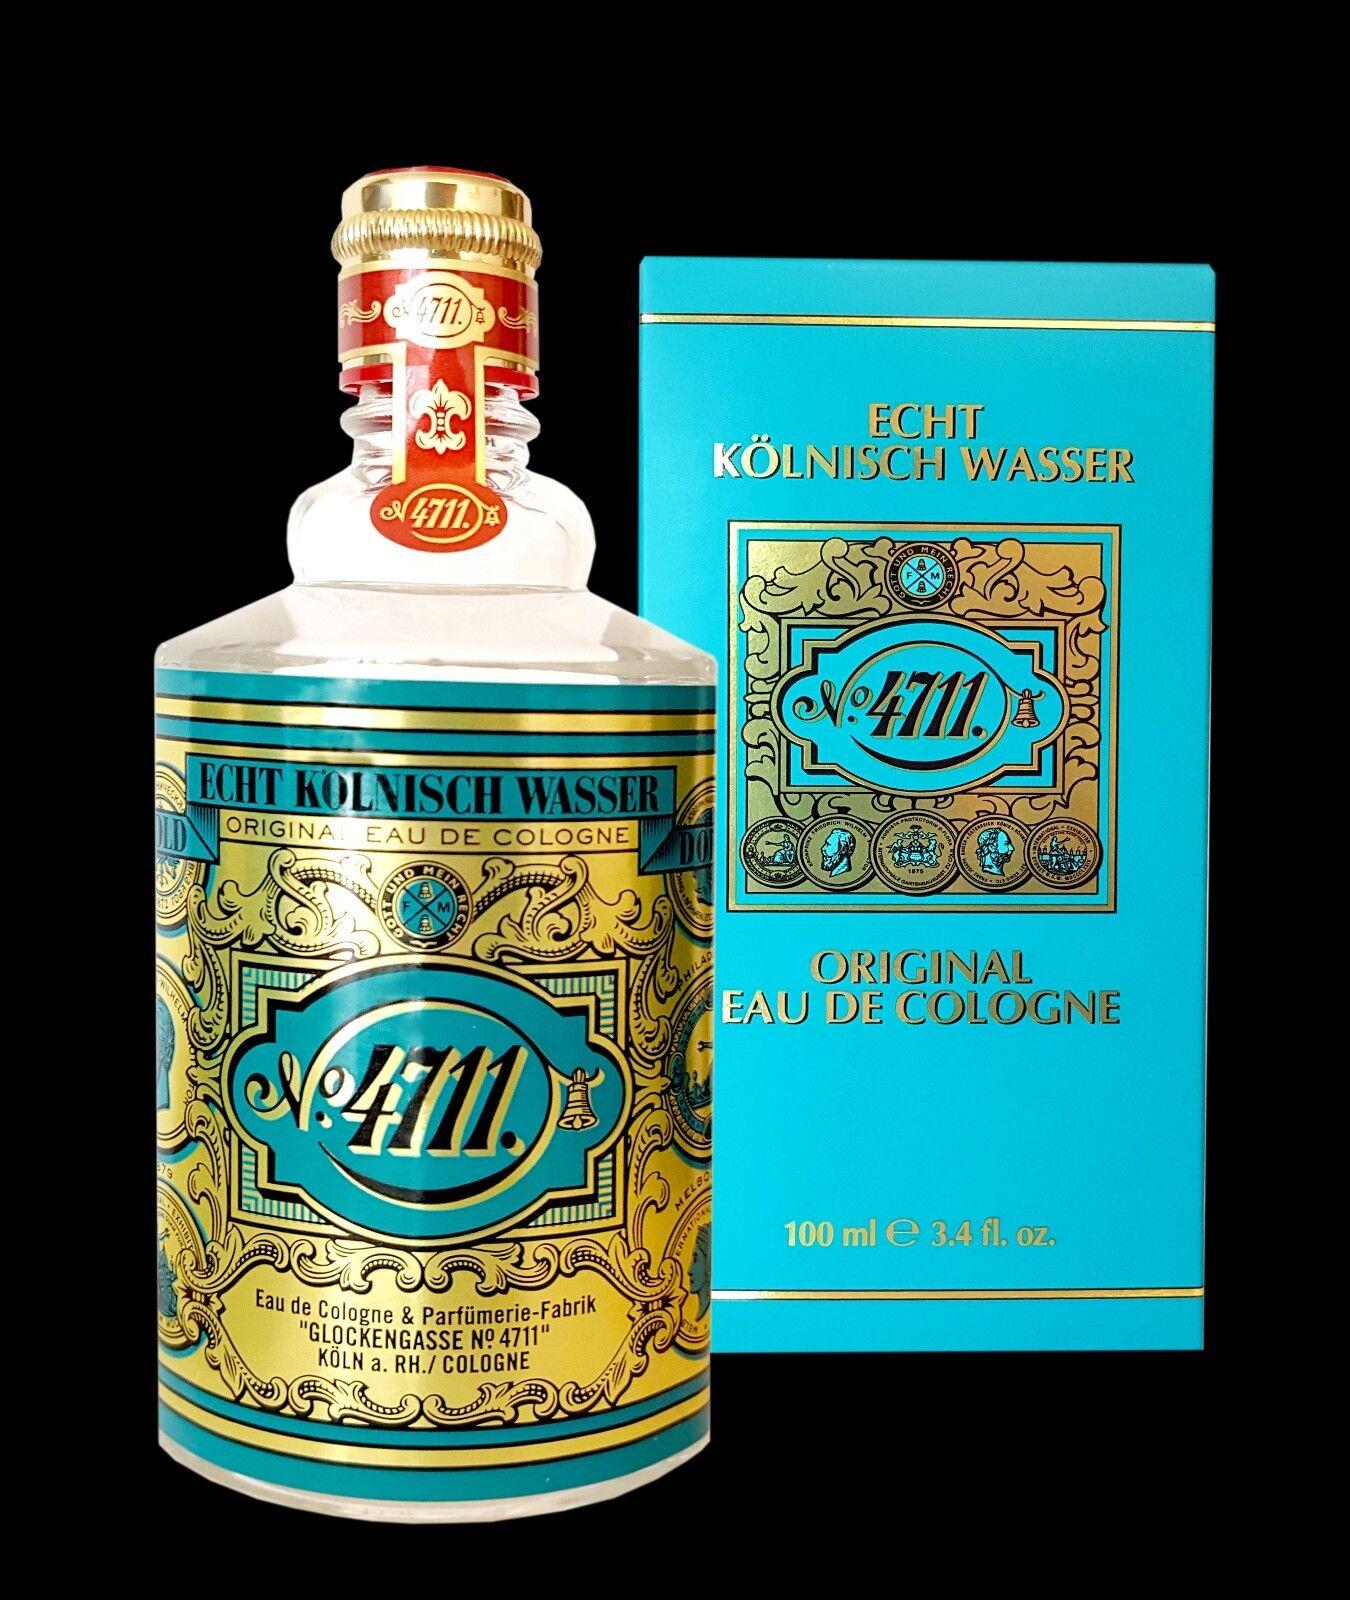 4711 Echt Kölnisch Wasser 100 ml  neu &Original Eau de Cologne für Herren